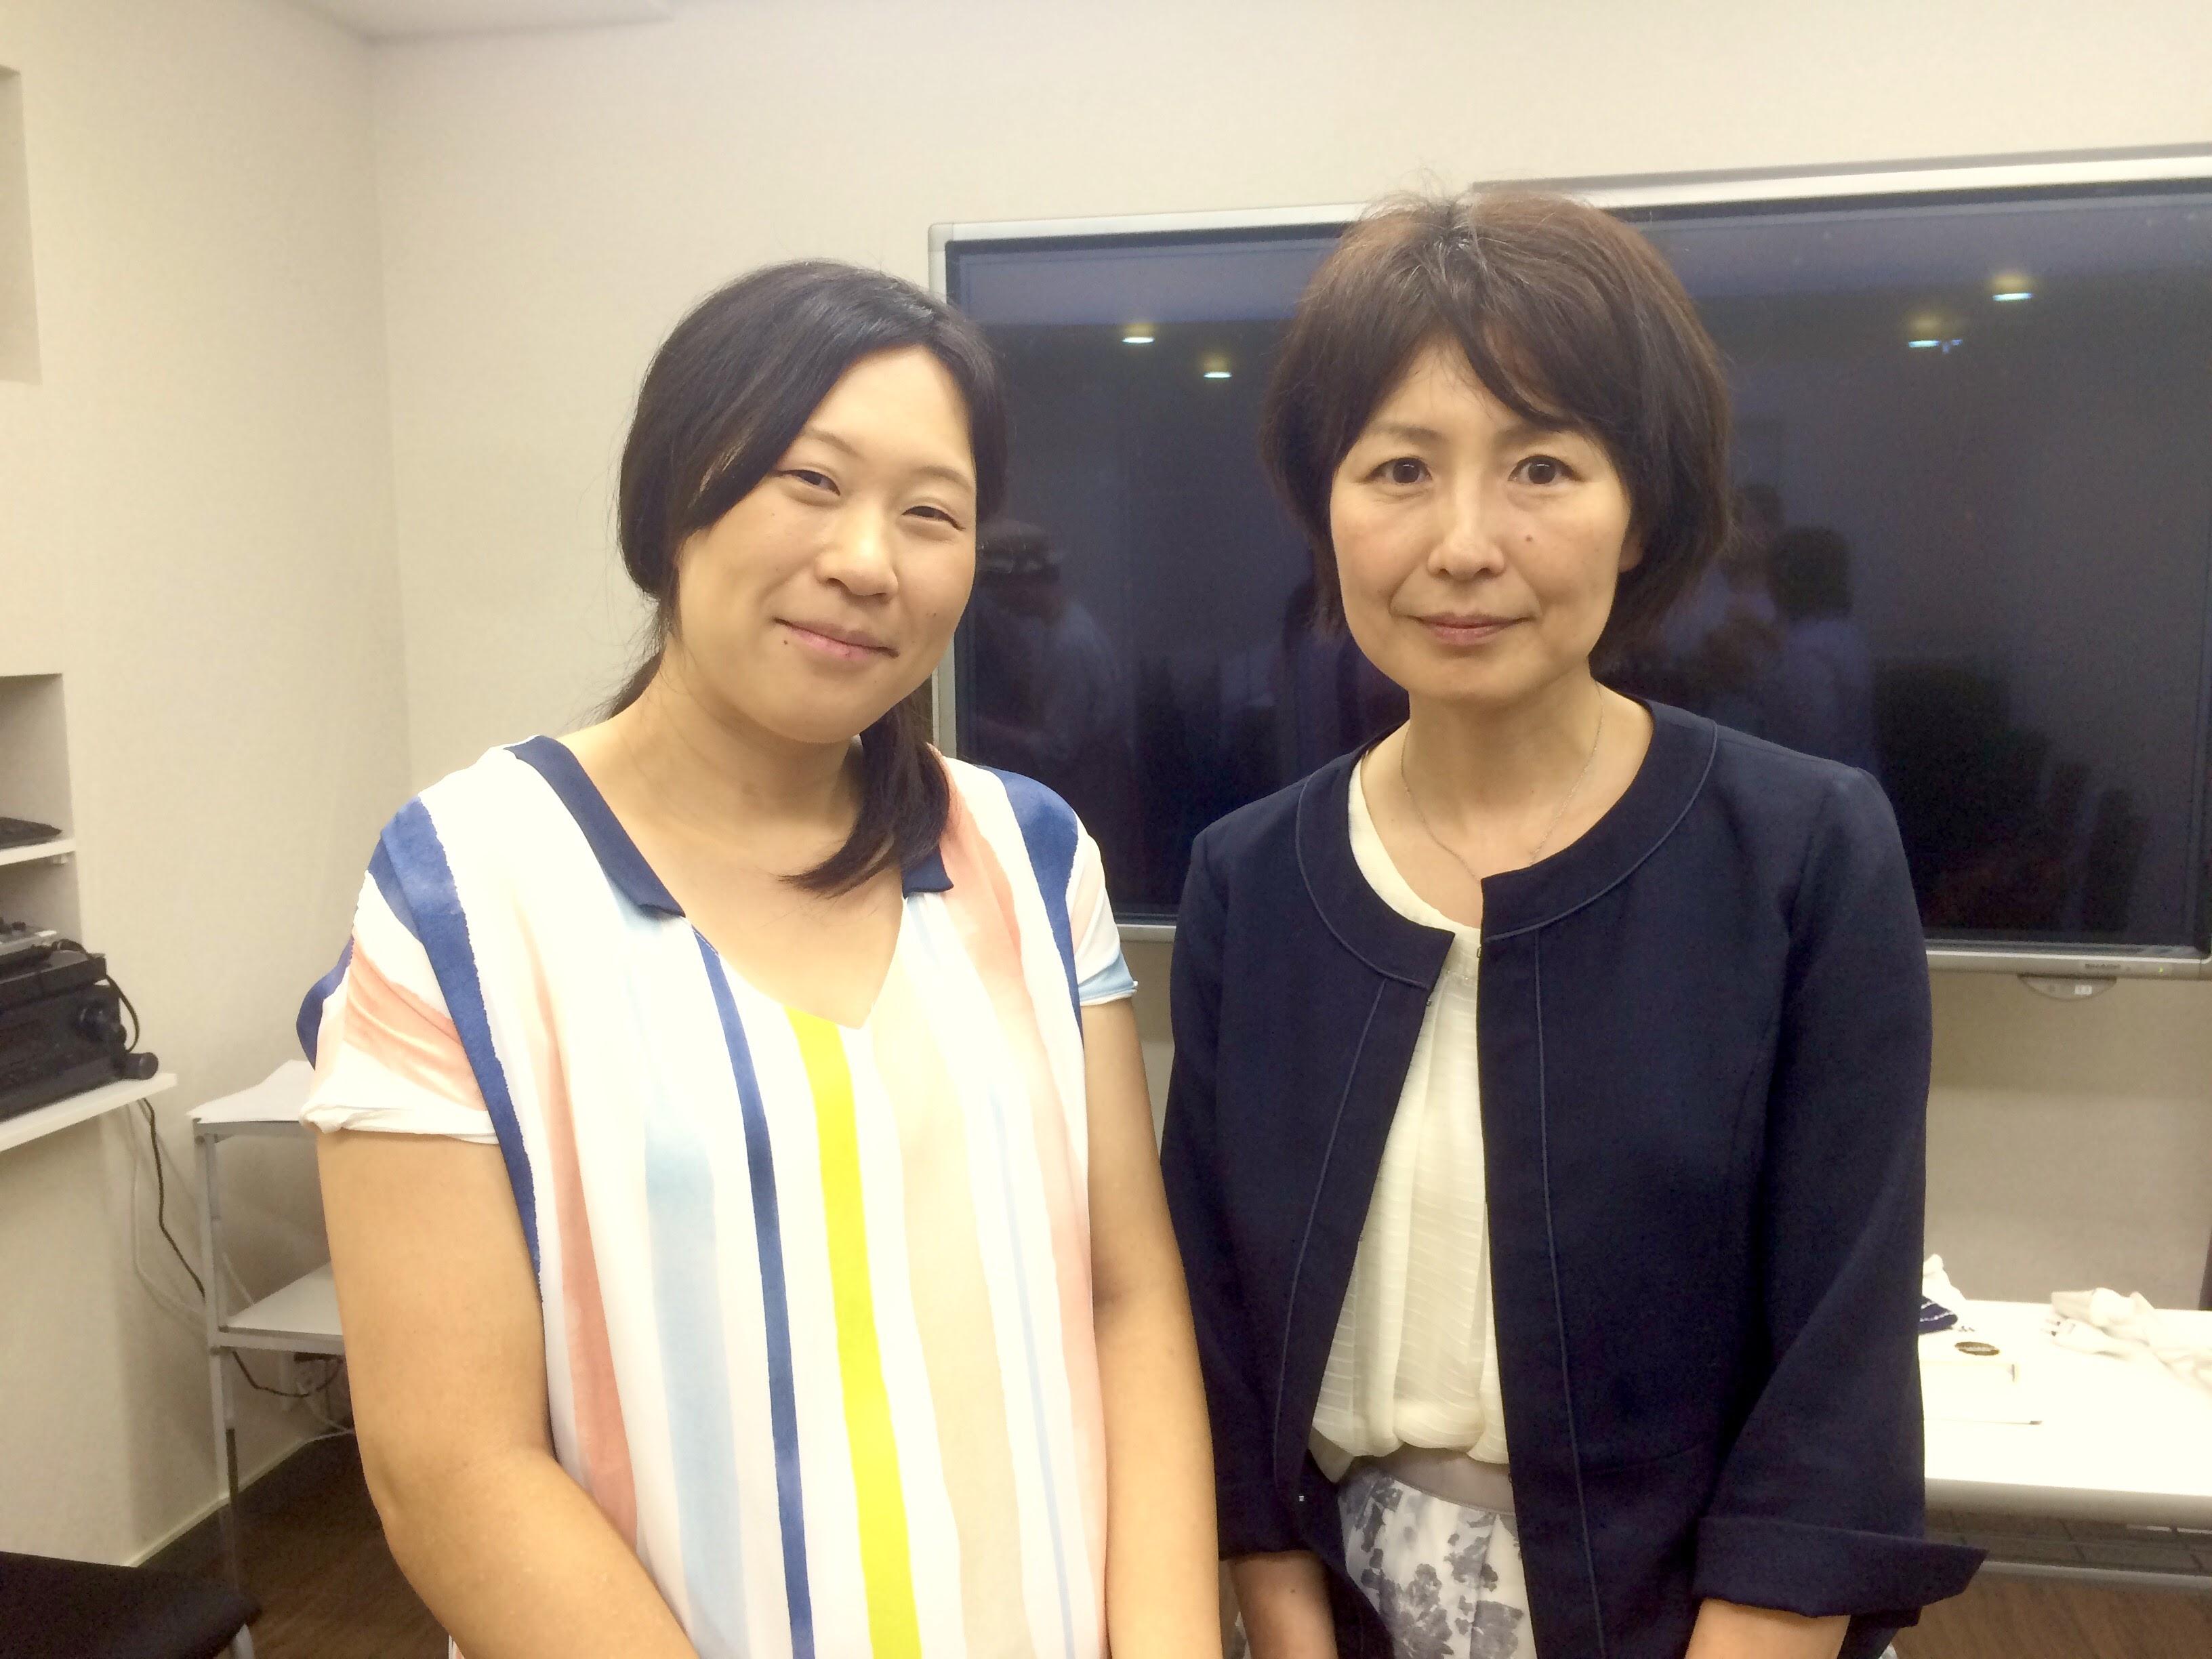 金曜日は、講師 塚本英代さんから学びの日でした